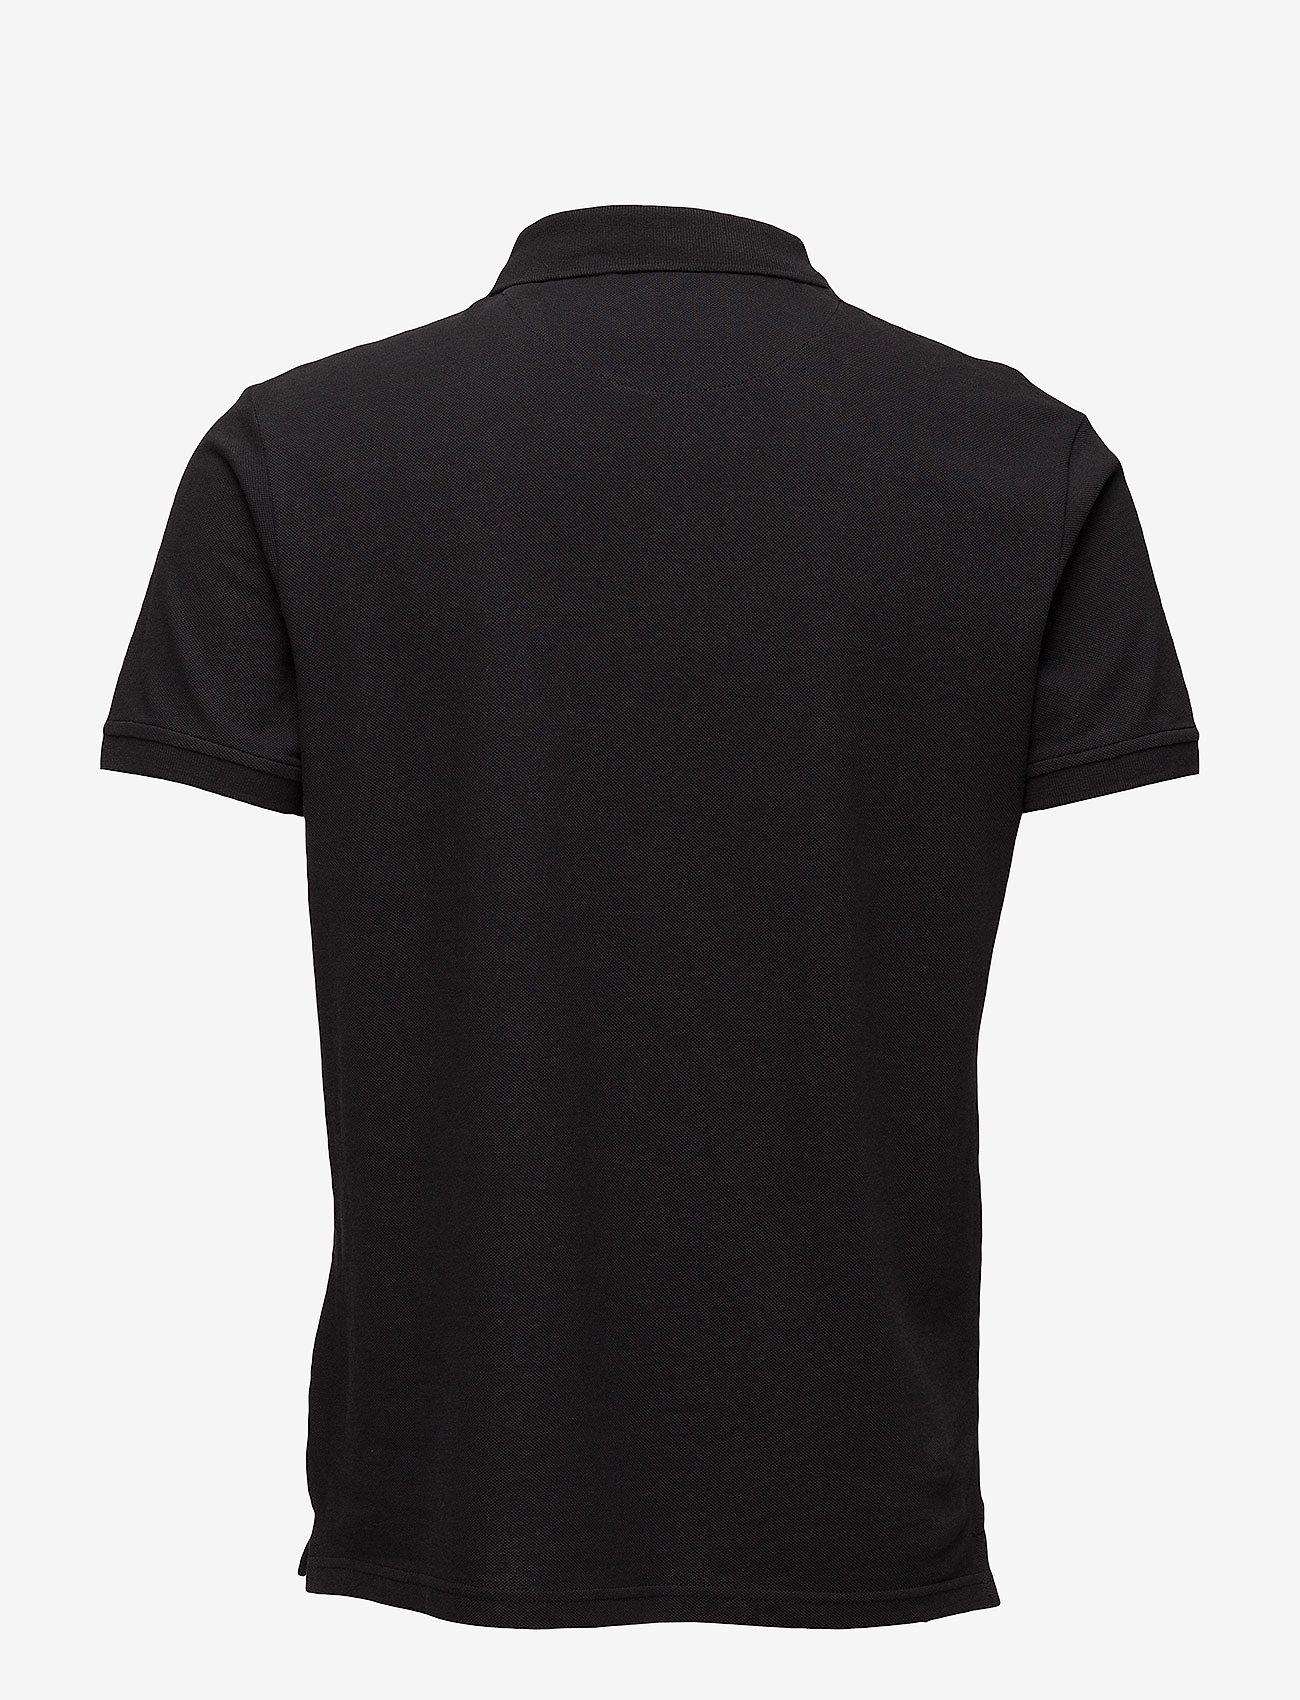 Lyle & Scott Polo Shirt - Poloskjorter TRUE BLACK - Menn Klær